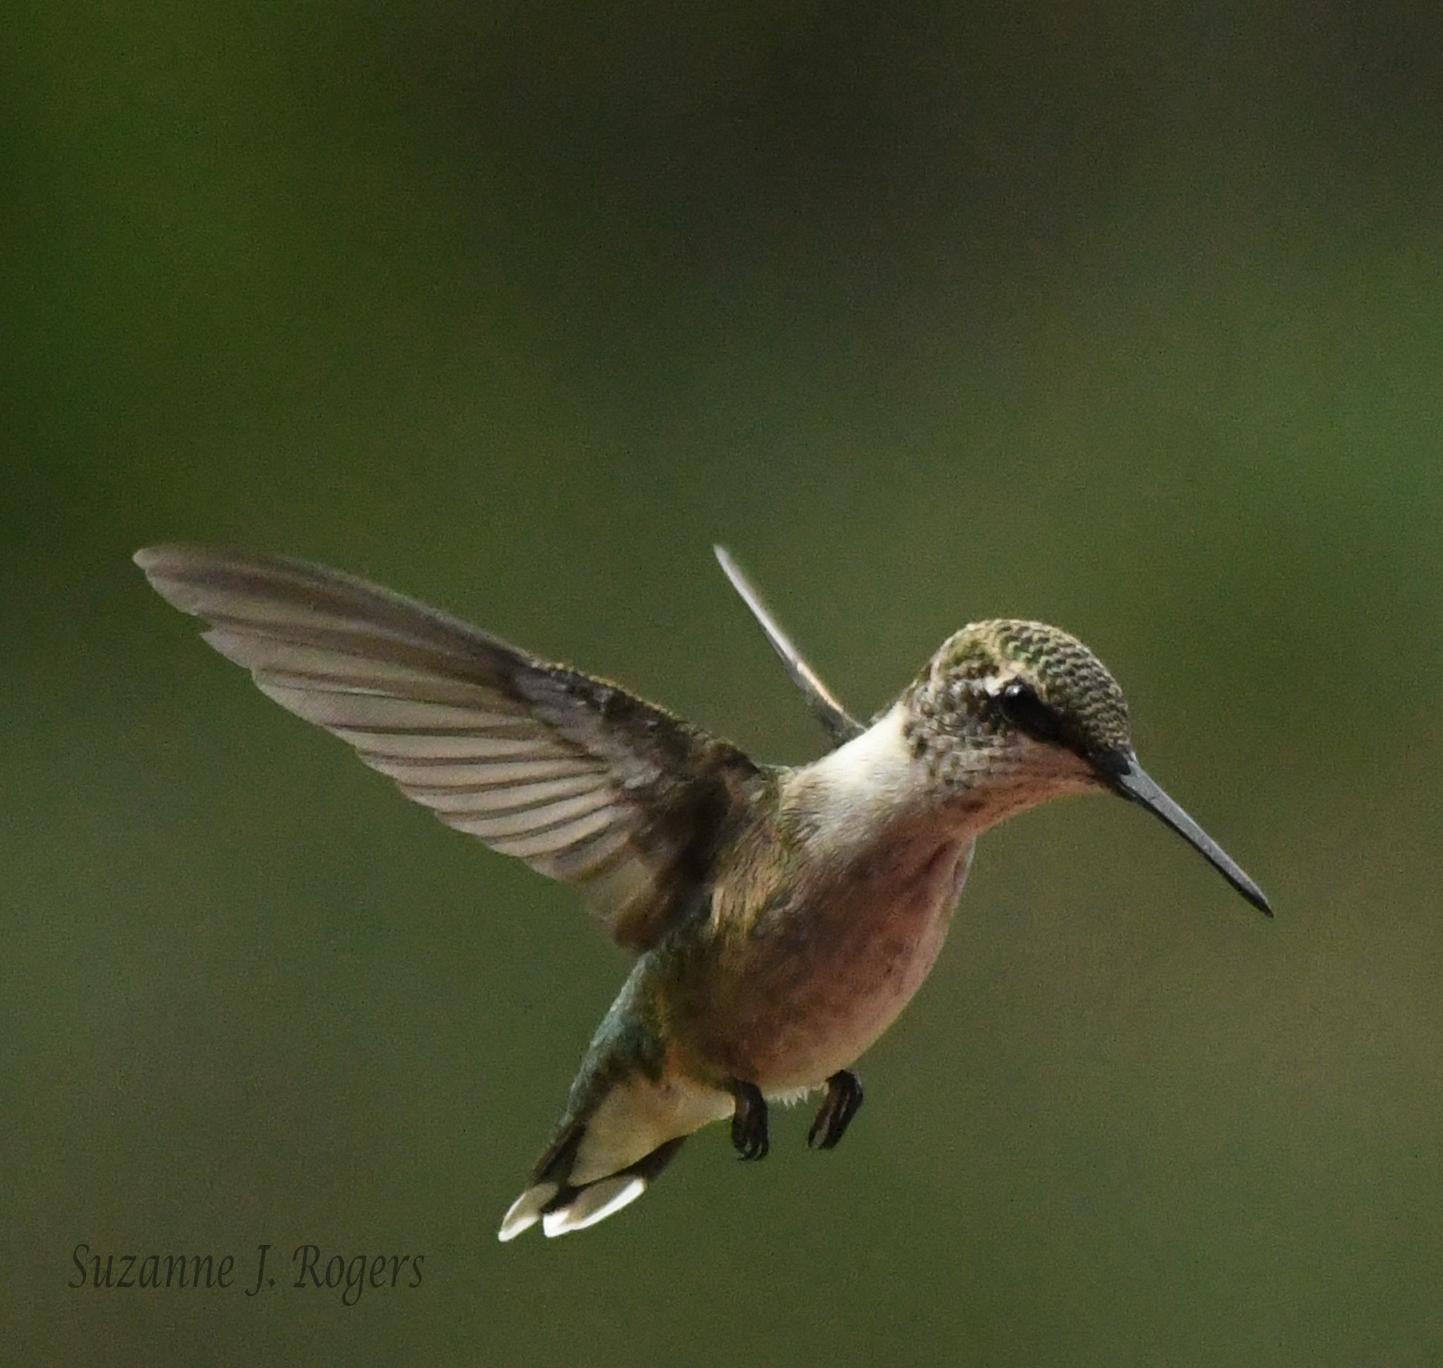 DSC_1610 Hummingbird wm